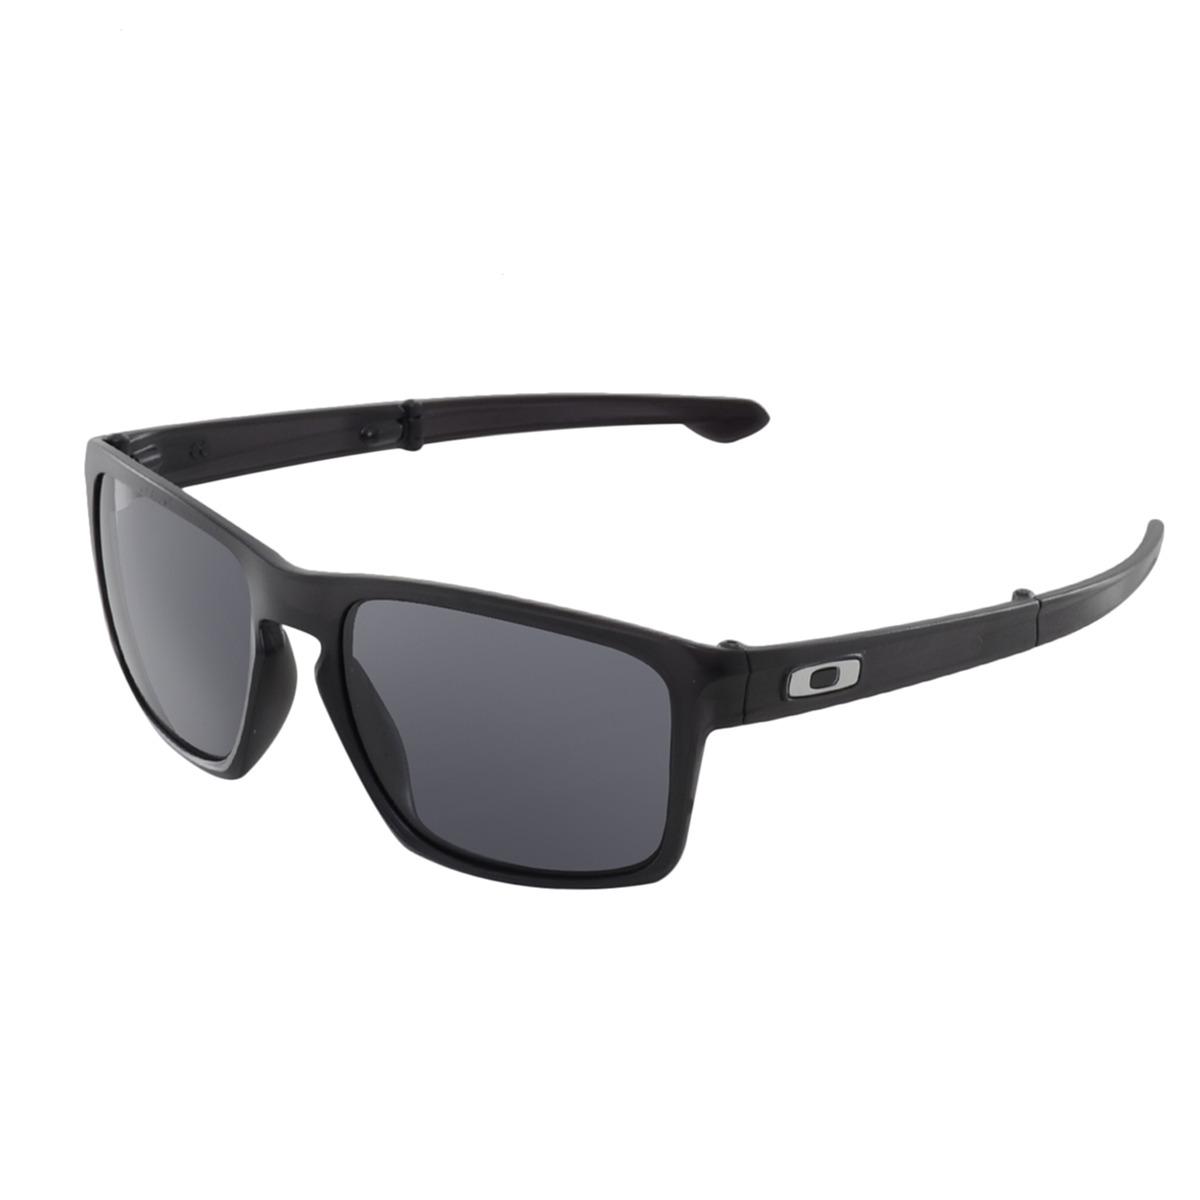 1b96a547307d0 óculos oakley sliver f matte black. Carregando zoom.